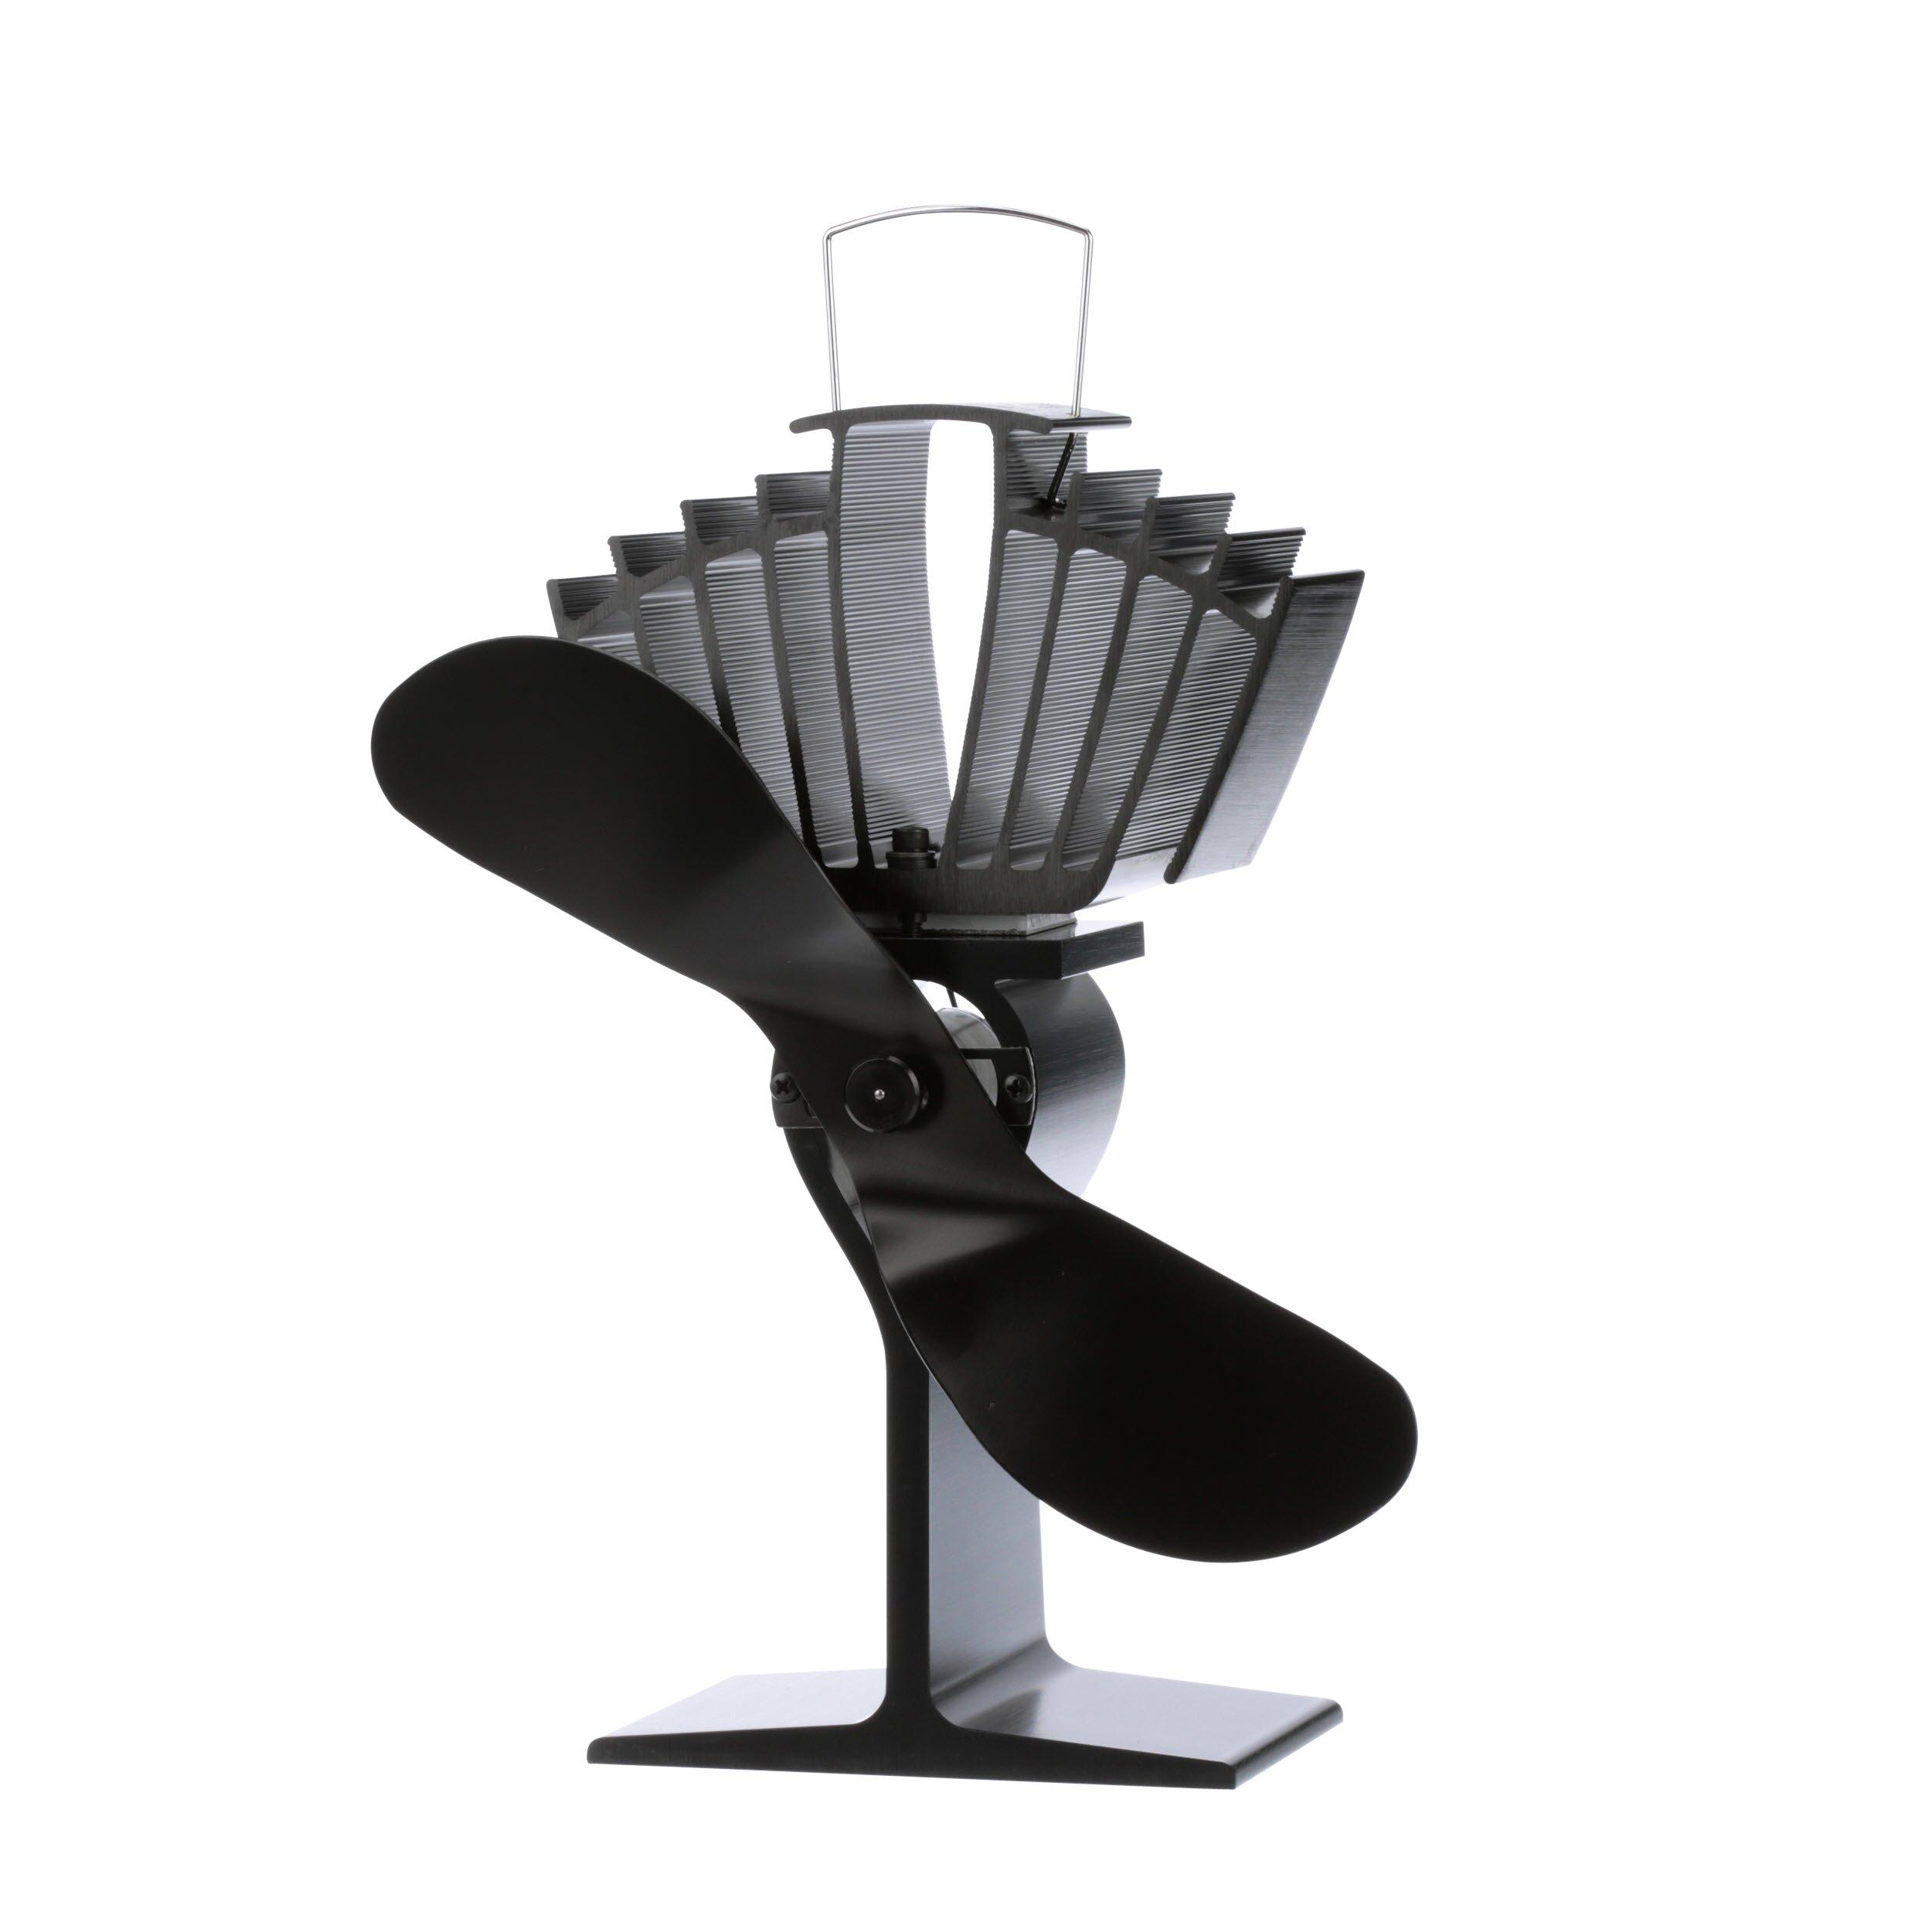 ECOFAN AirMax Wood Stove Fan, Large, Black Blade by ECOFAN